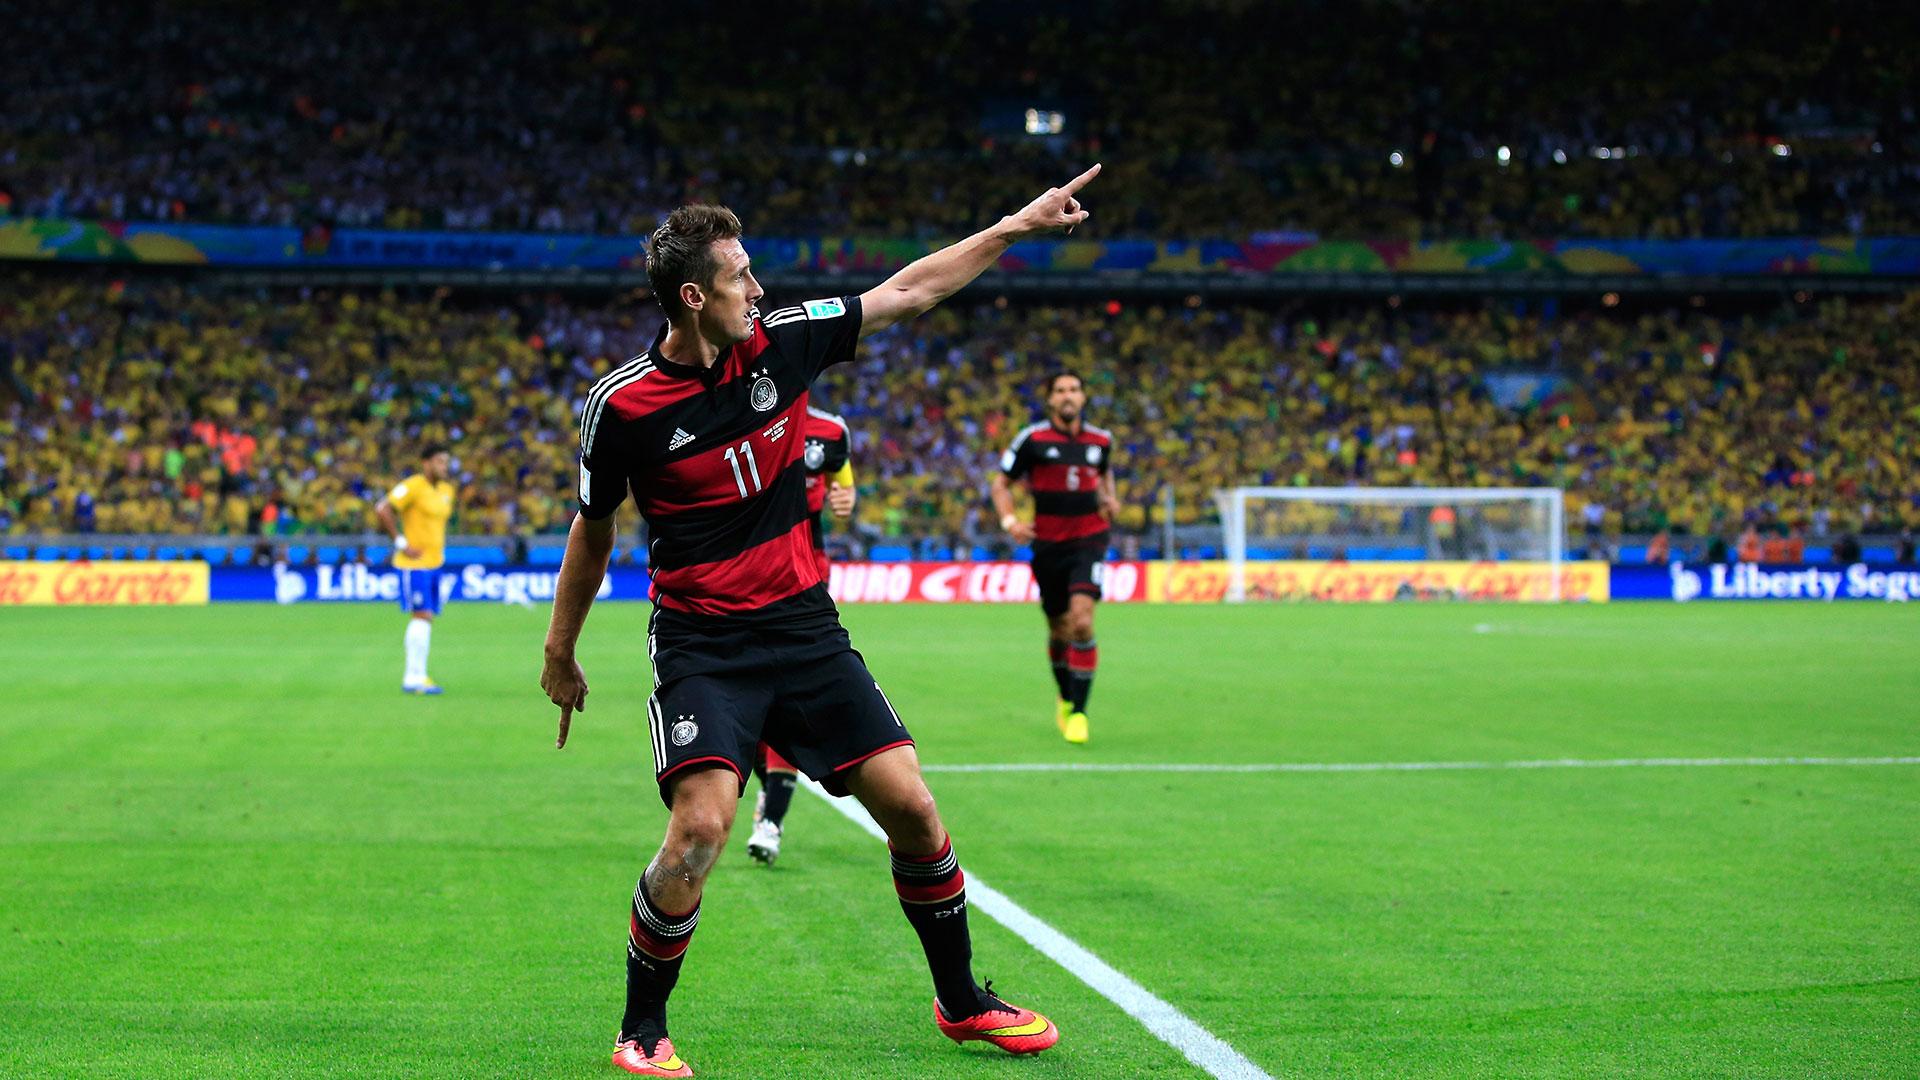 Calcio: ufficiale ritiro Klose